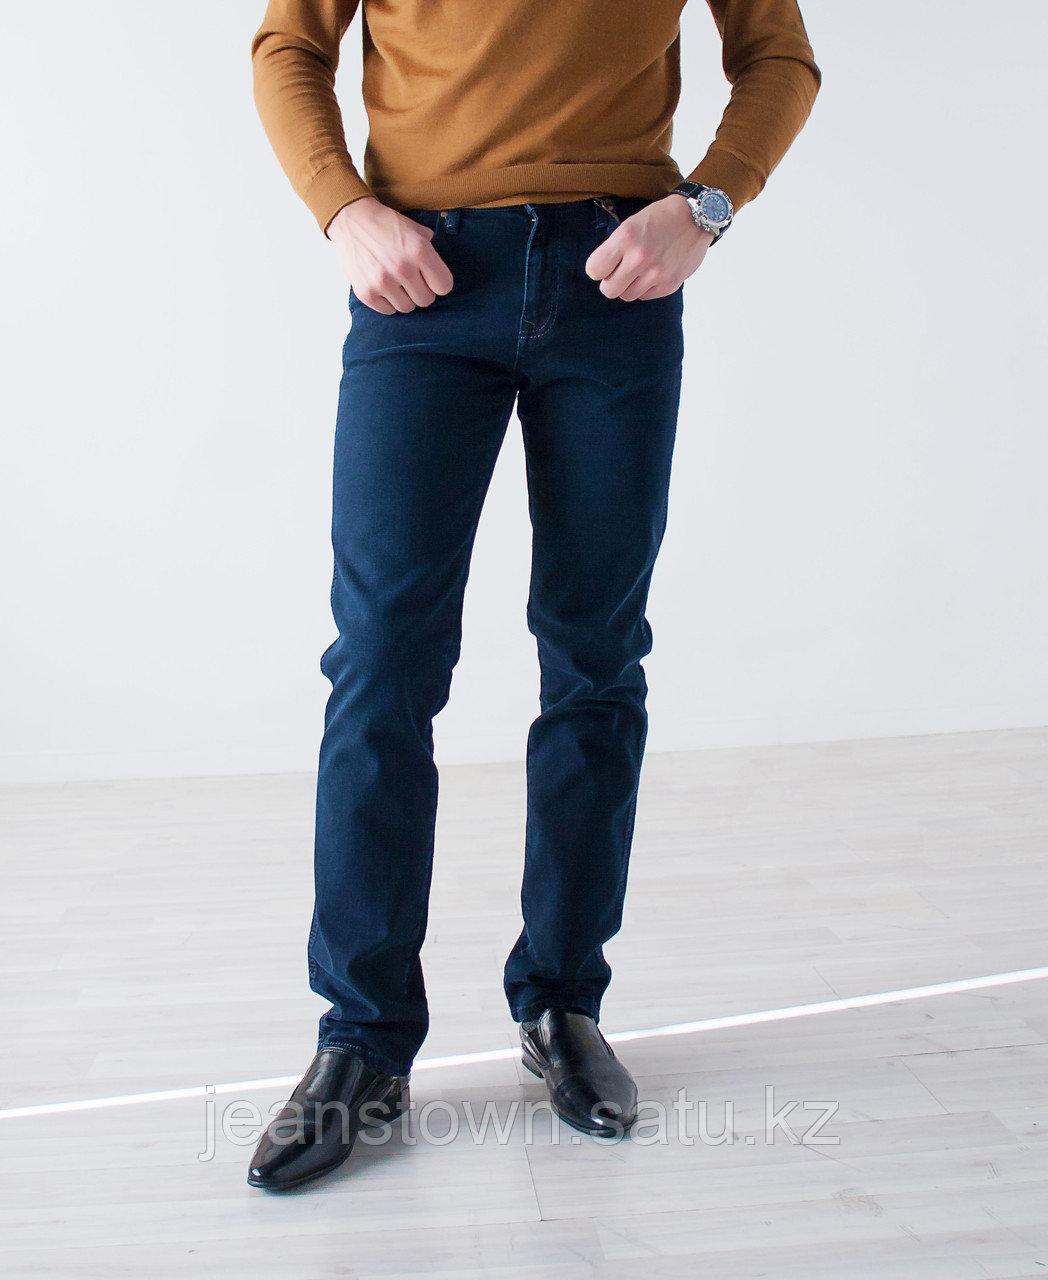 Джинсы мужские Marco Vincini - фото 1